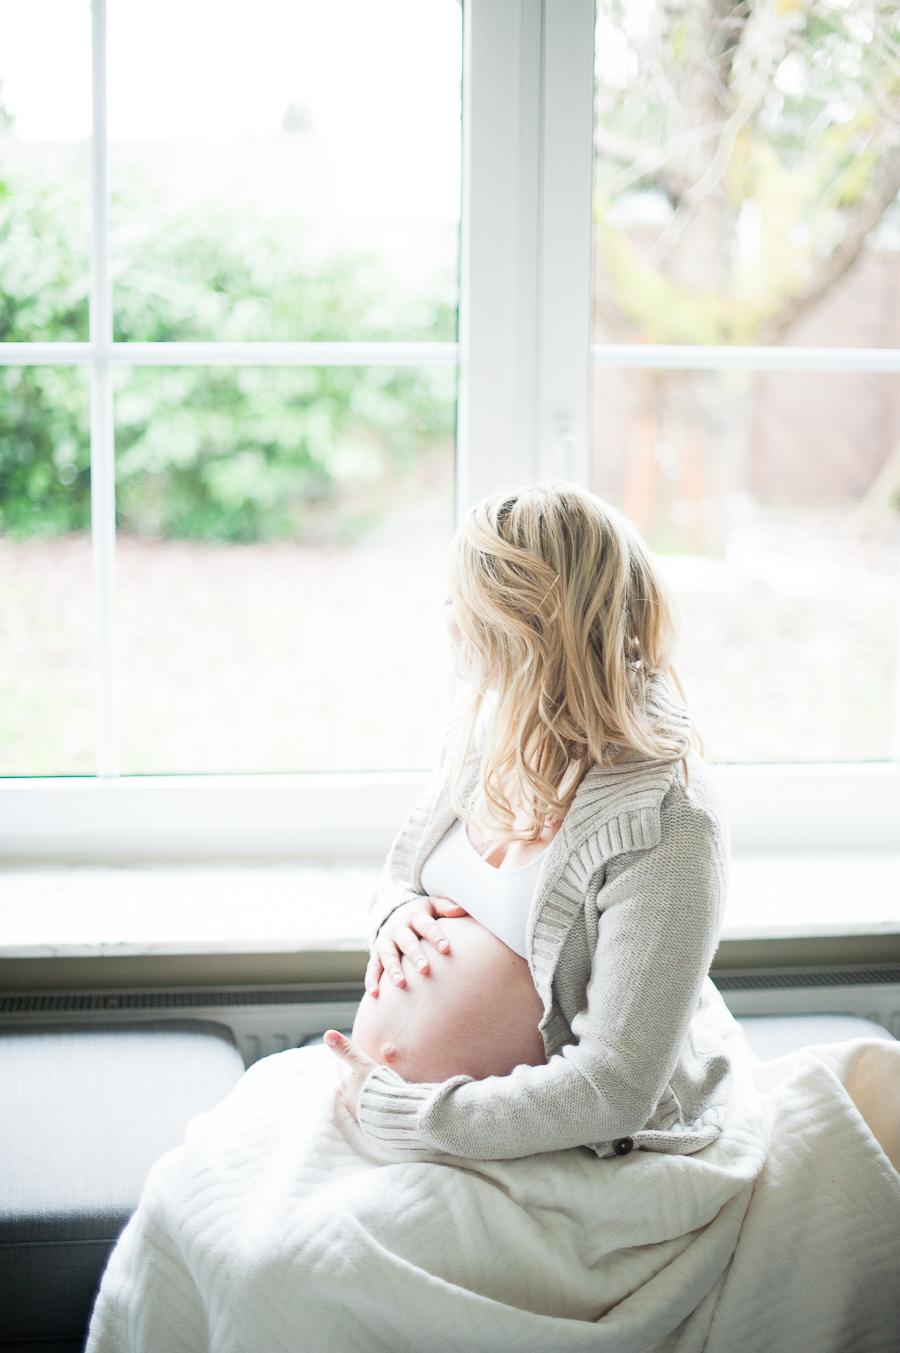 Babybauchbilder-5